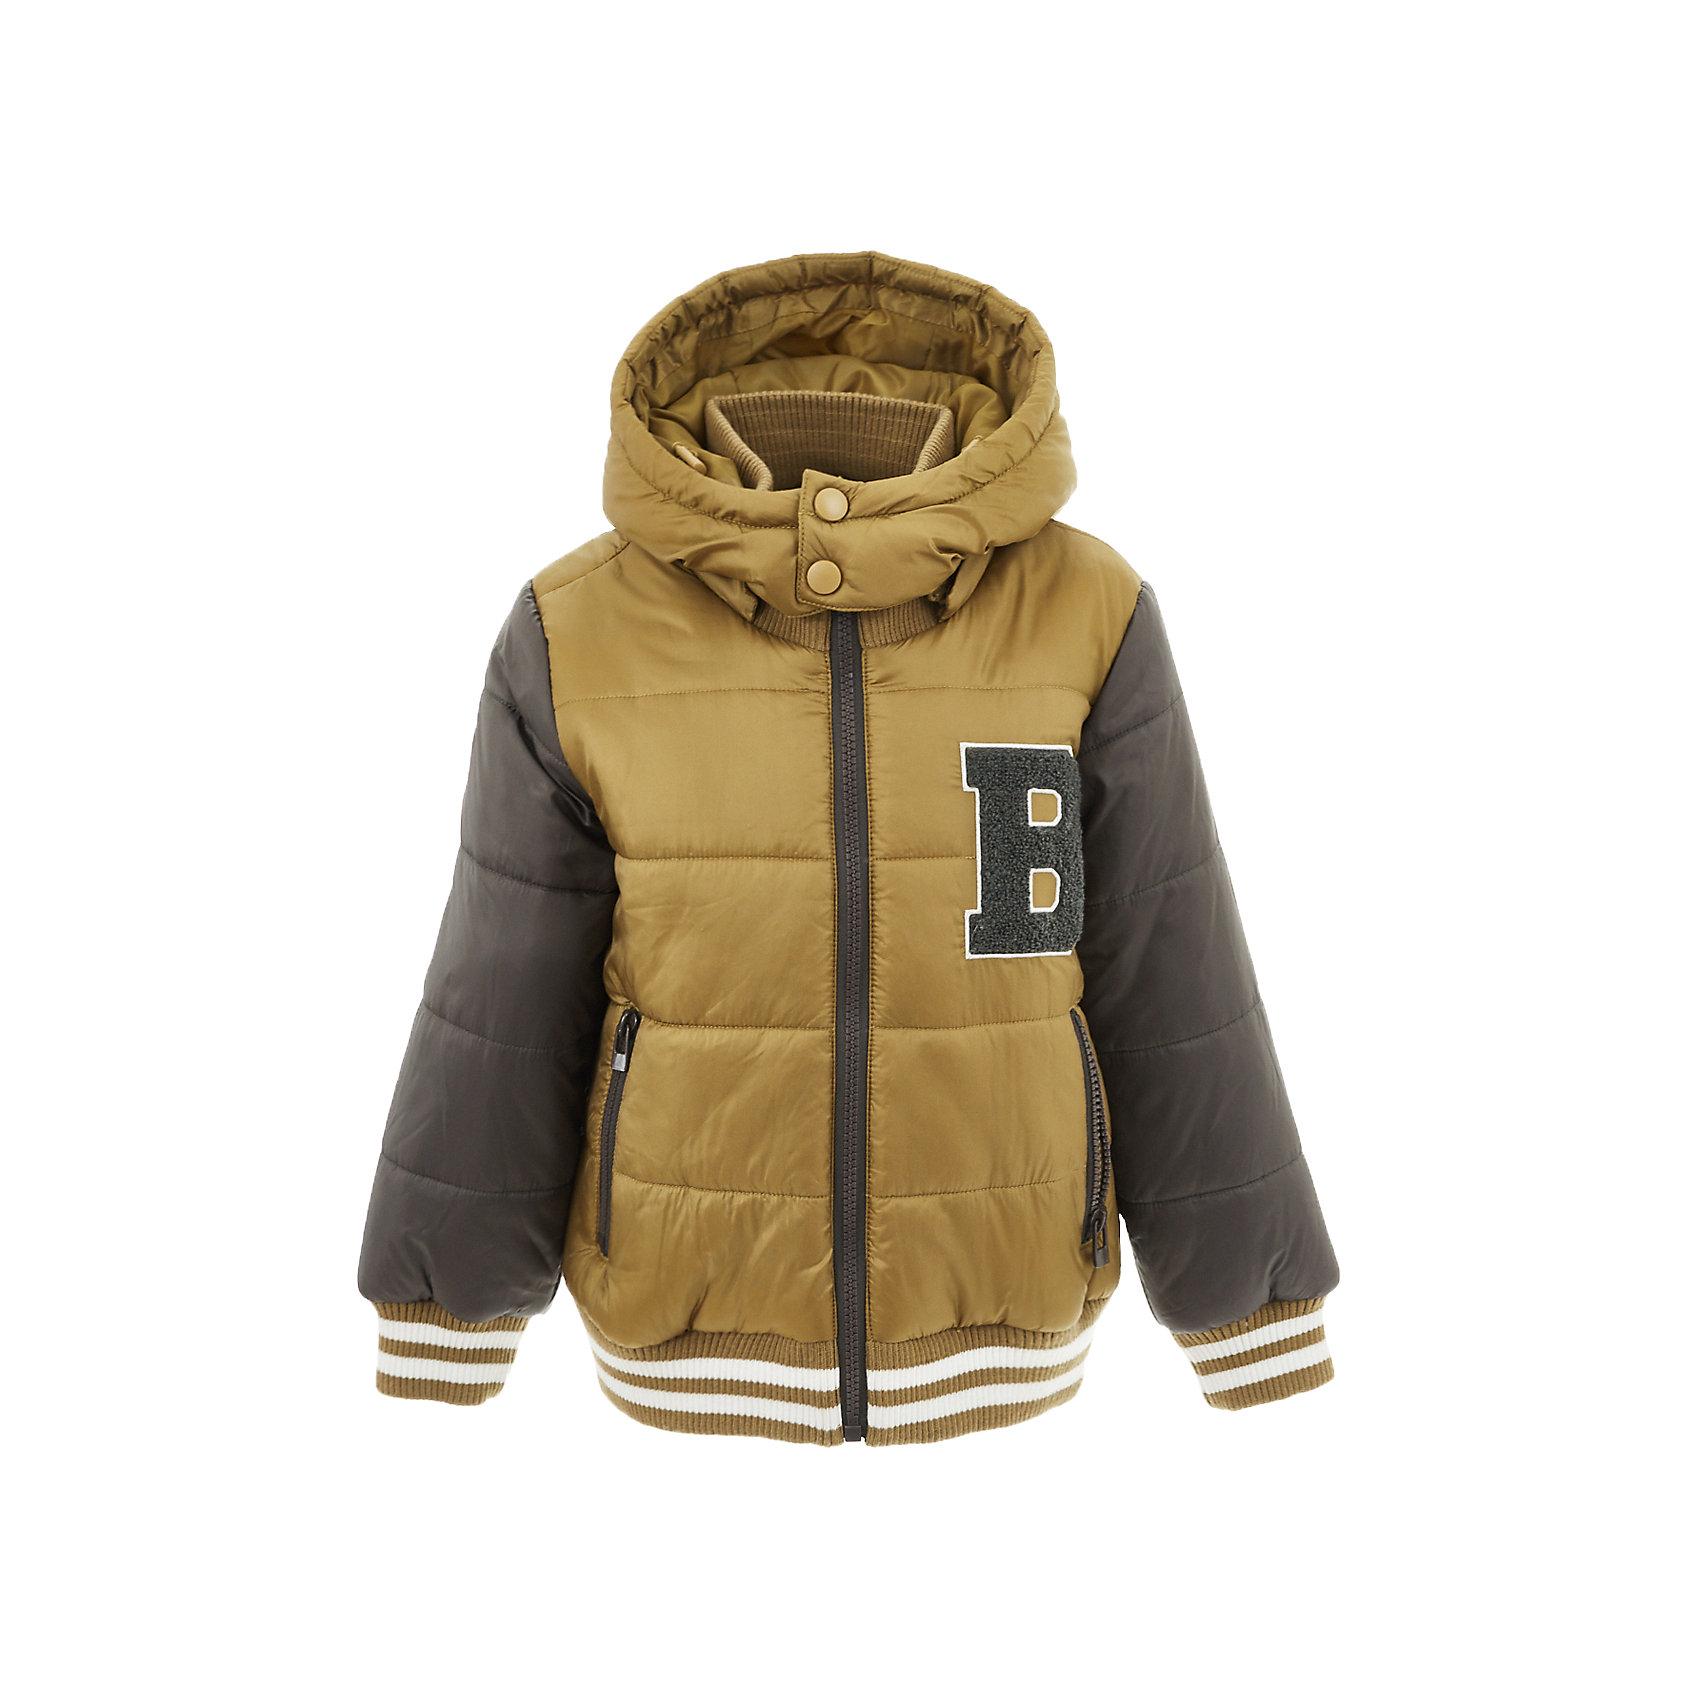 Куртка Button Blue для мальчикаВерхняя одежда<br>Характеристики товара:<br><br>• цвет: коричневый;<br>• состав: 100% полиэстер;<br>• подкладка: 100% полиэстер, 100% хлопок;<br>• утеплитель: 100% полиэстер;<br>• сезон: демисезон;<br>• температурный режим: от +5 до -10С;<br>• застежка: молния по всей длине;<br>• защита подбородка от защемления;<br>• капюшон не отстегивается;<br>• капюшон дополнен шнурком-утяжкой со стопером;<br>• высокий эластичный трикотажный воротник;<br>• эластичные трикотажные манжеты и низ изделия;<br>• карманы на молнии;<br>• страна бренда: Россия;<br>• страна изготовитель: Китай.<br><br>Демисезонная куртка с капюшоном для мальчика. Куртка застегивается на молнию по всей длине. У куртки эластичные манжеты и низ изделия, высокий трикотажный, эластичный воротник защитит шею от ветра и холода. Капюшон имеет шнурок-утяжку со стопером.<br><br>Куртку Button Blue (Баттон Блю) можно купить в нашем интернет-магазине.<br><br>Ширина мм: 356<br>Глубина мм: 10<br>Высота мм: 245<br>Вес г: 519<br>Цвет: желтый<br>Возраст от месяцев: 144<br>Возраст до месяцев: 156<br>Пол: Мужской<br>Возраст: Детский<br>Размер: 158,98,104,110,116,122,128,134,140,146,152<br>SKU: 7038867